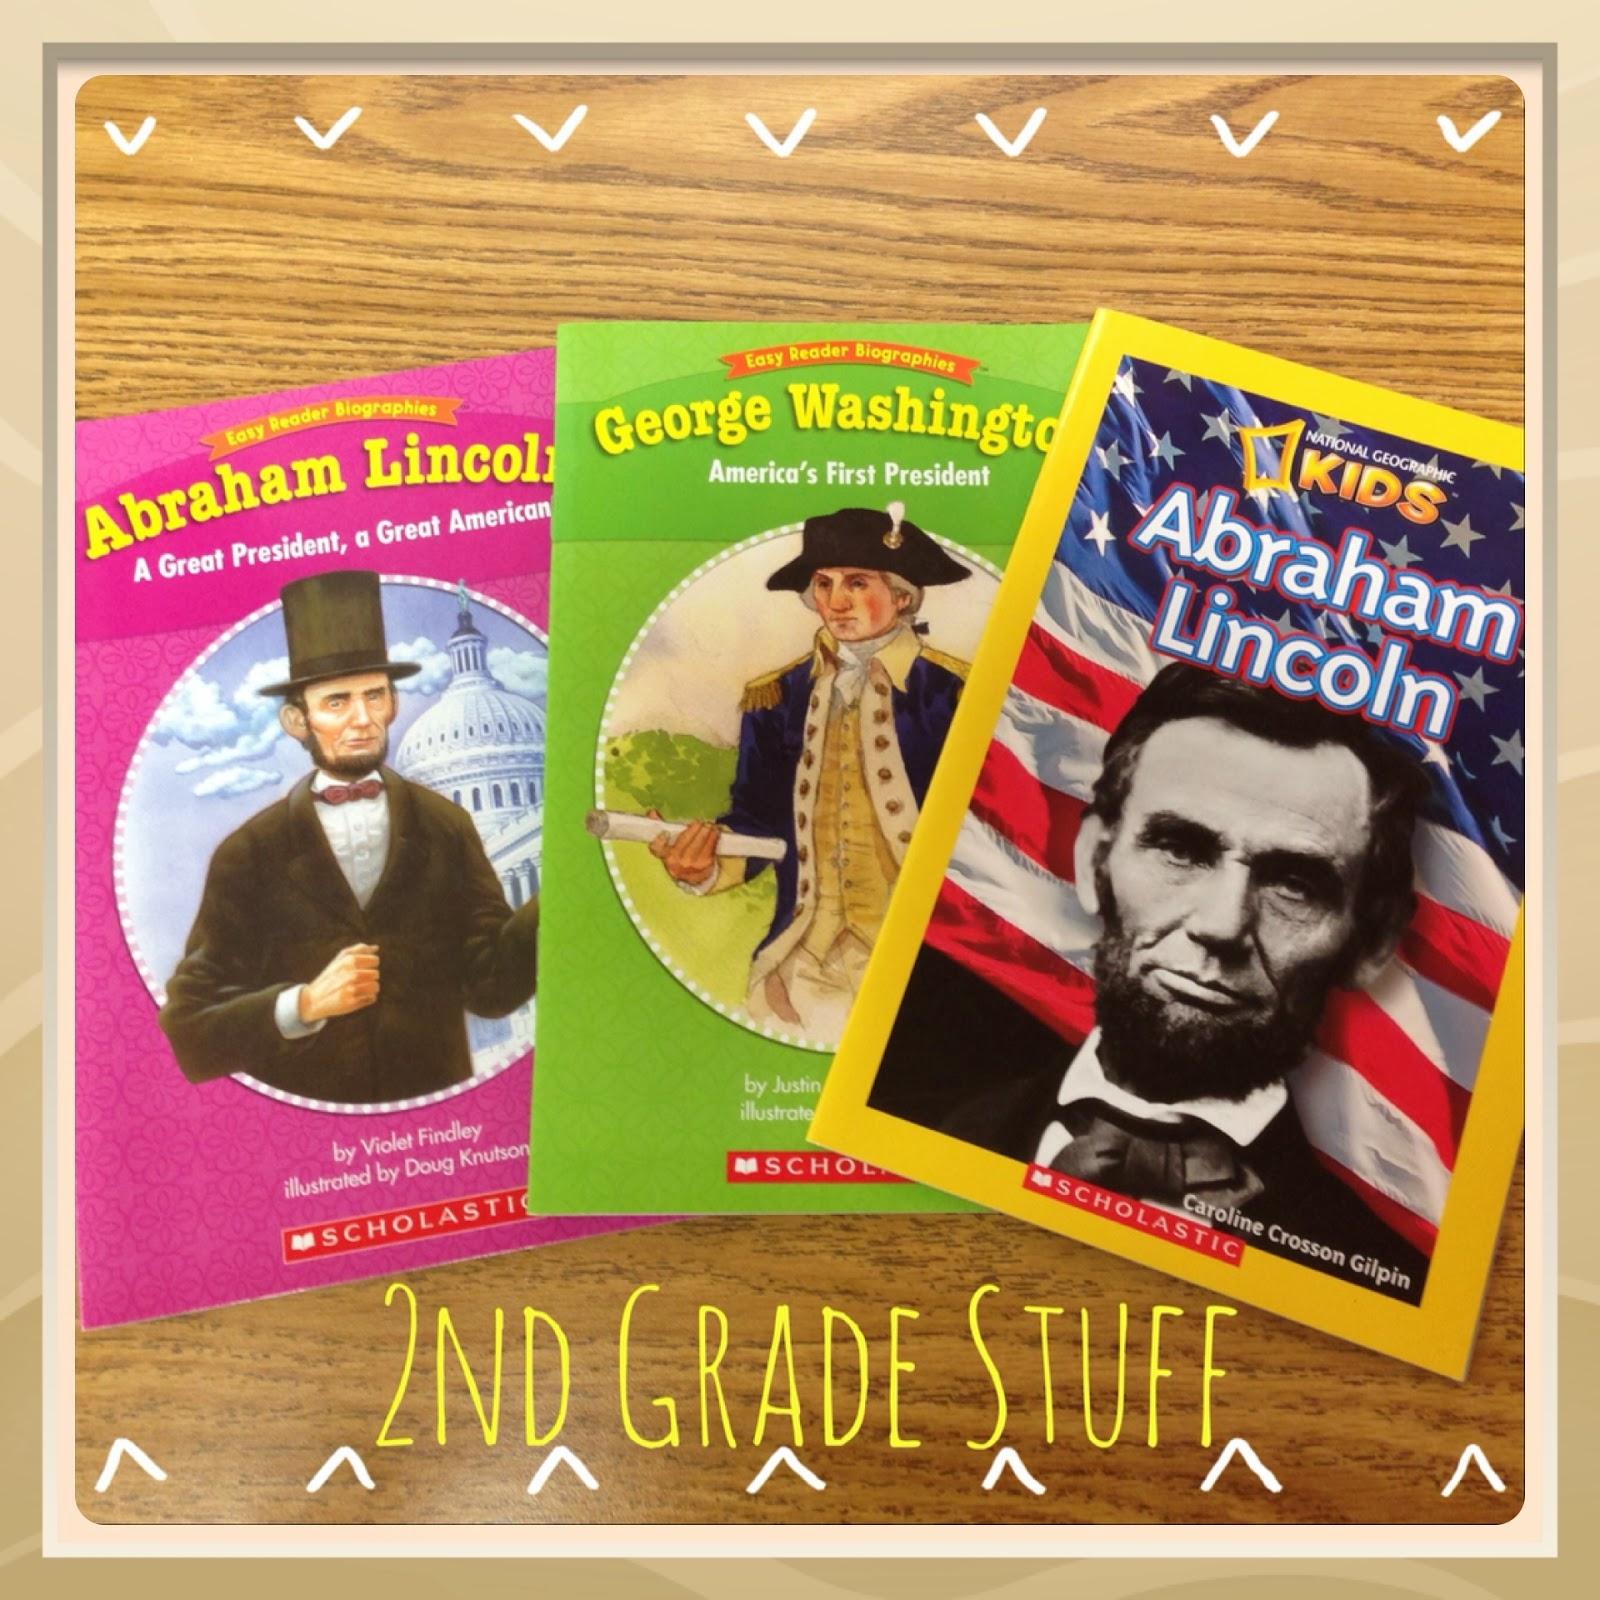 2nd Grade Stuff Must Read Monday